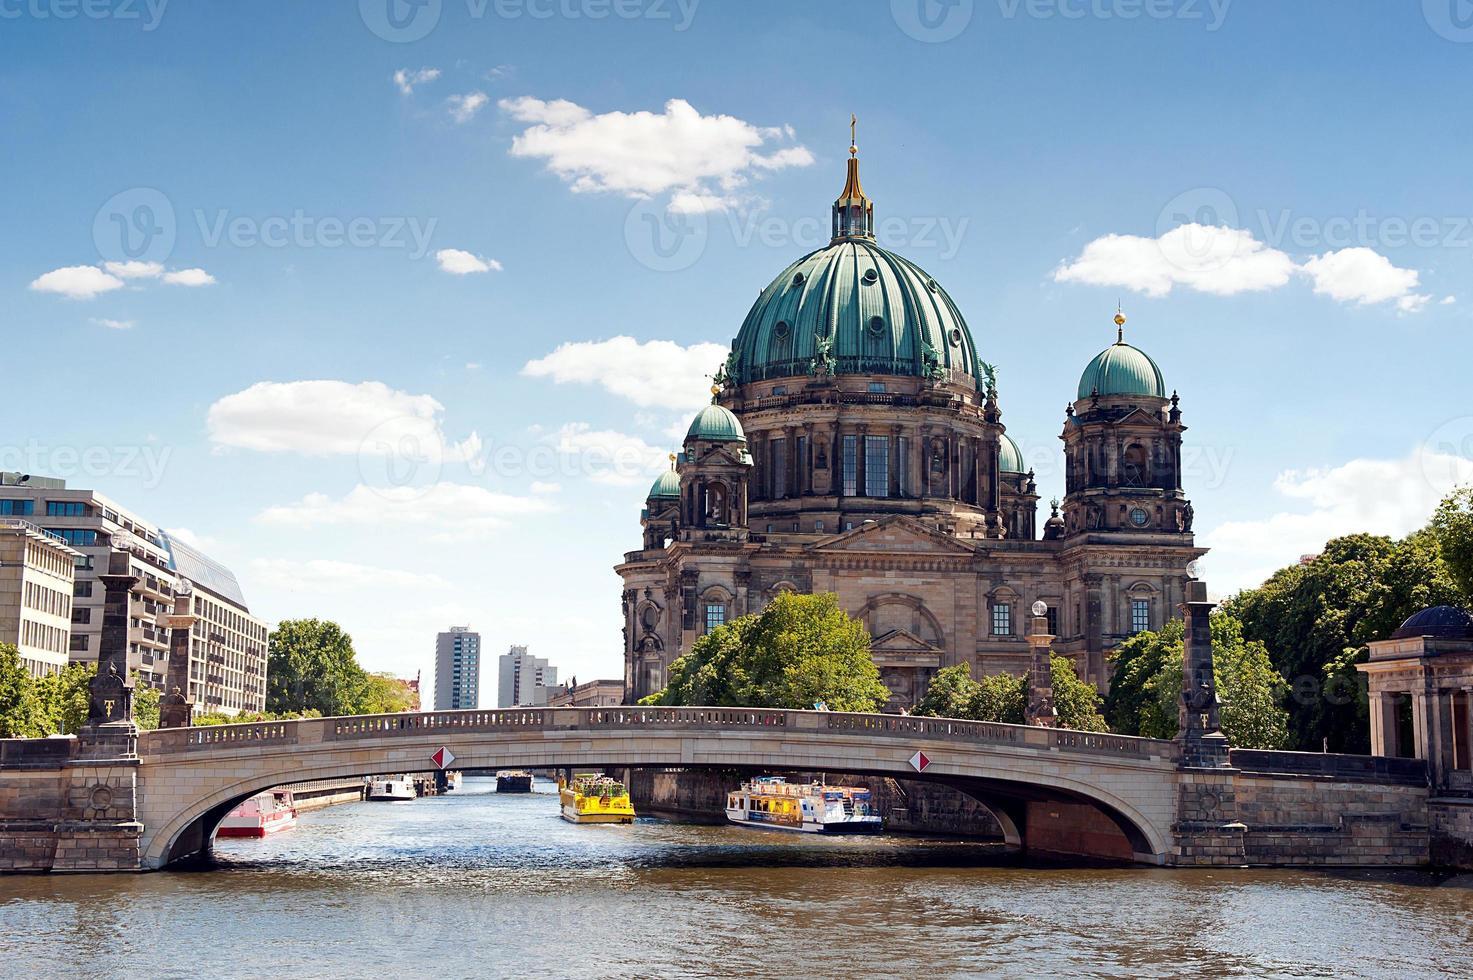 catedral de berlim (berliner dom) foto